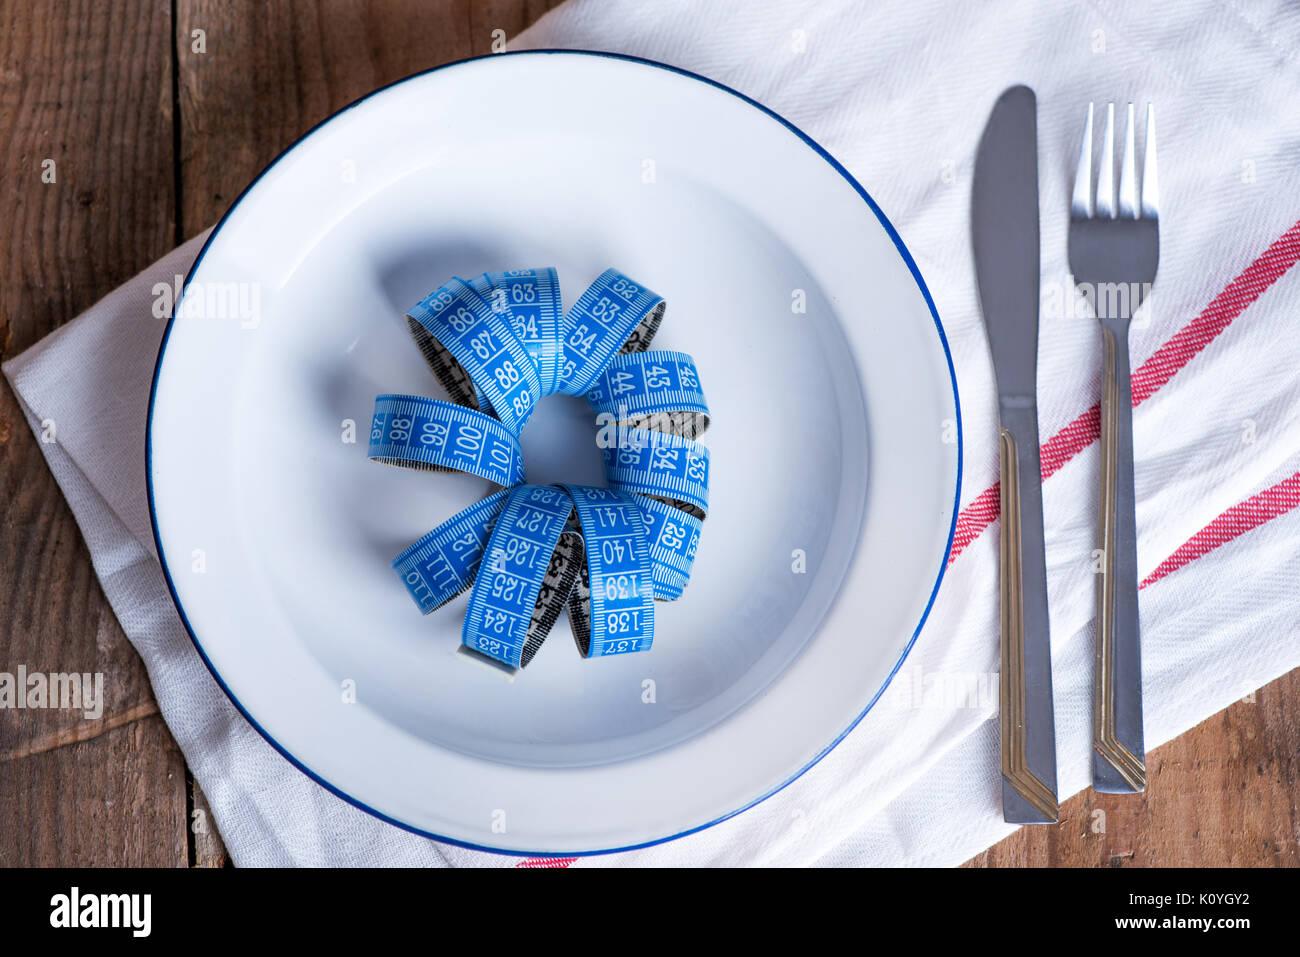 Konzept Diät und Gewichtsverlust. Leeren Teller mit Maßband in der Mitte der Platte Stockbild